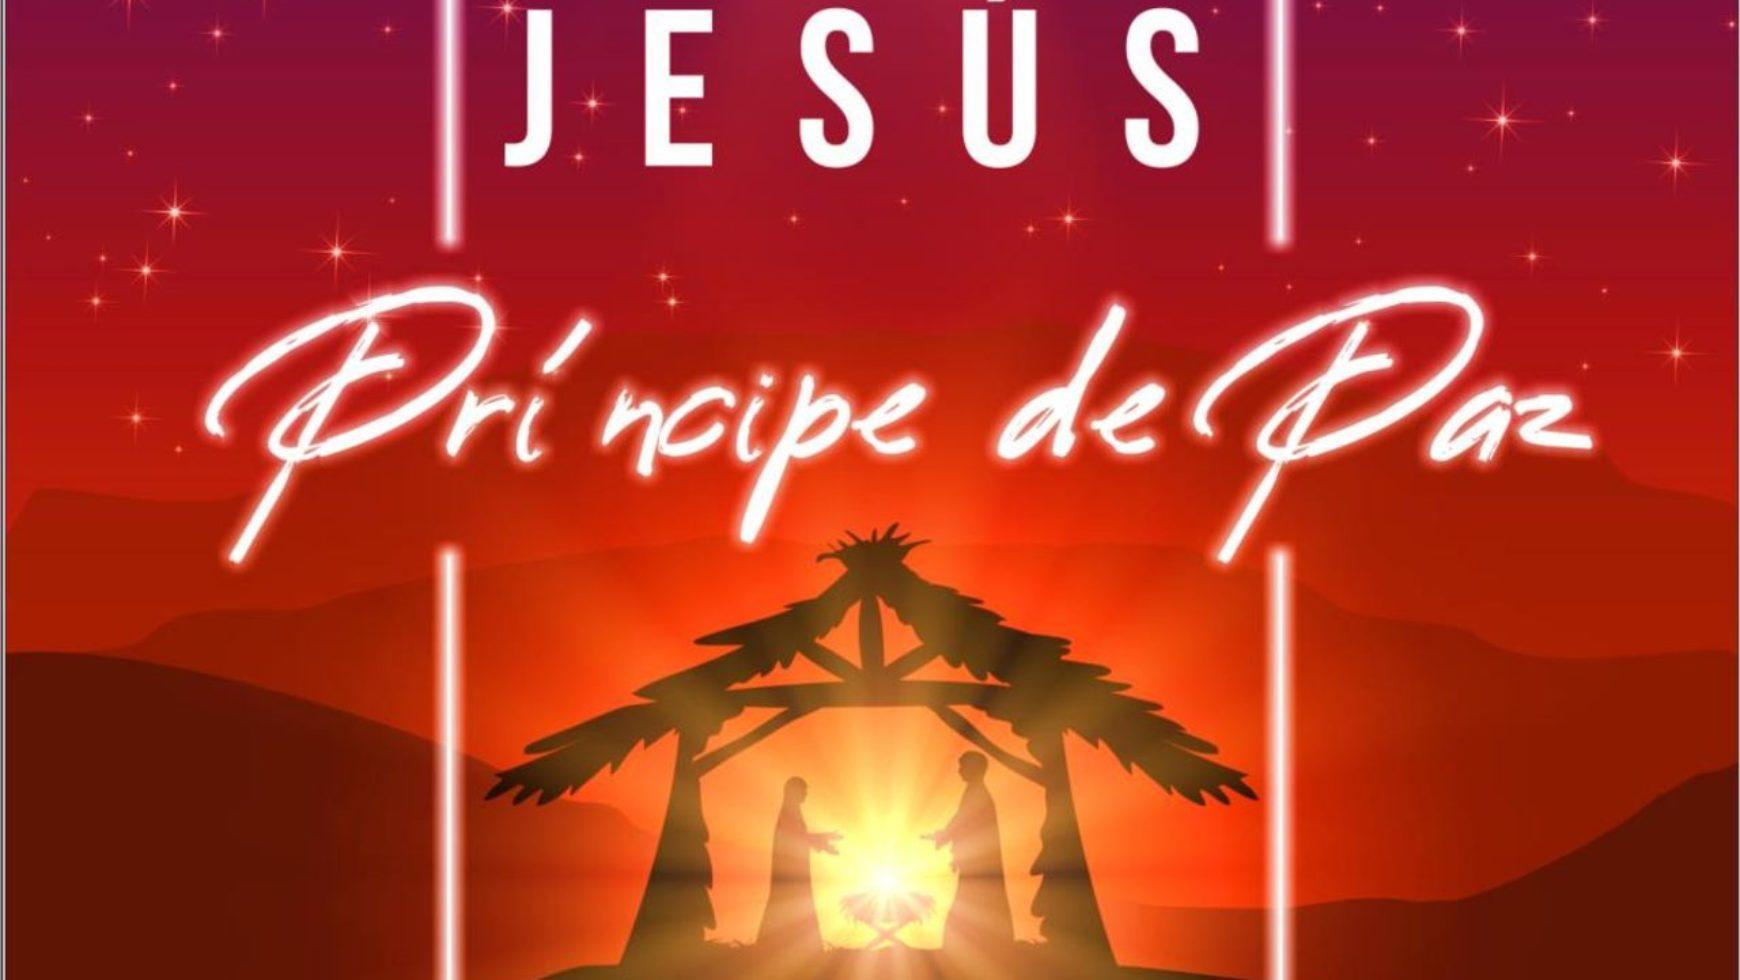 Jesús príncipe de Paz